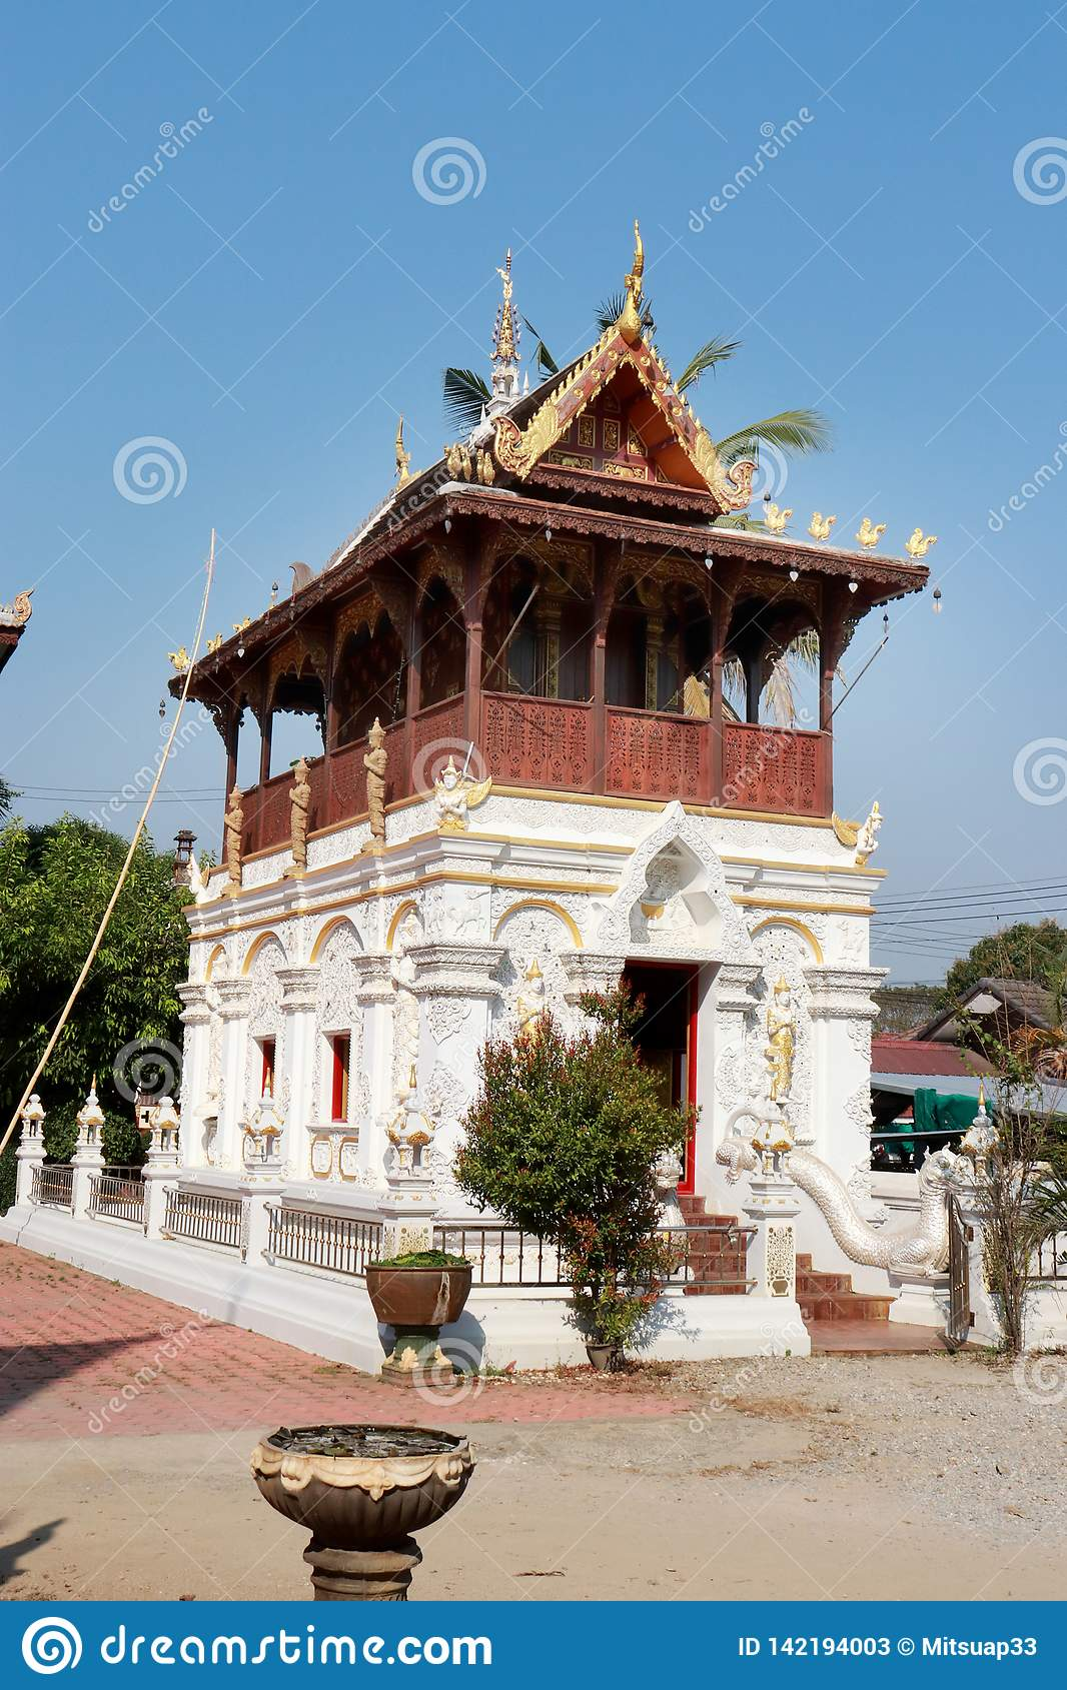 Pagodas au milieu de la cour, un temple louche pendant la journée